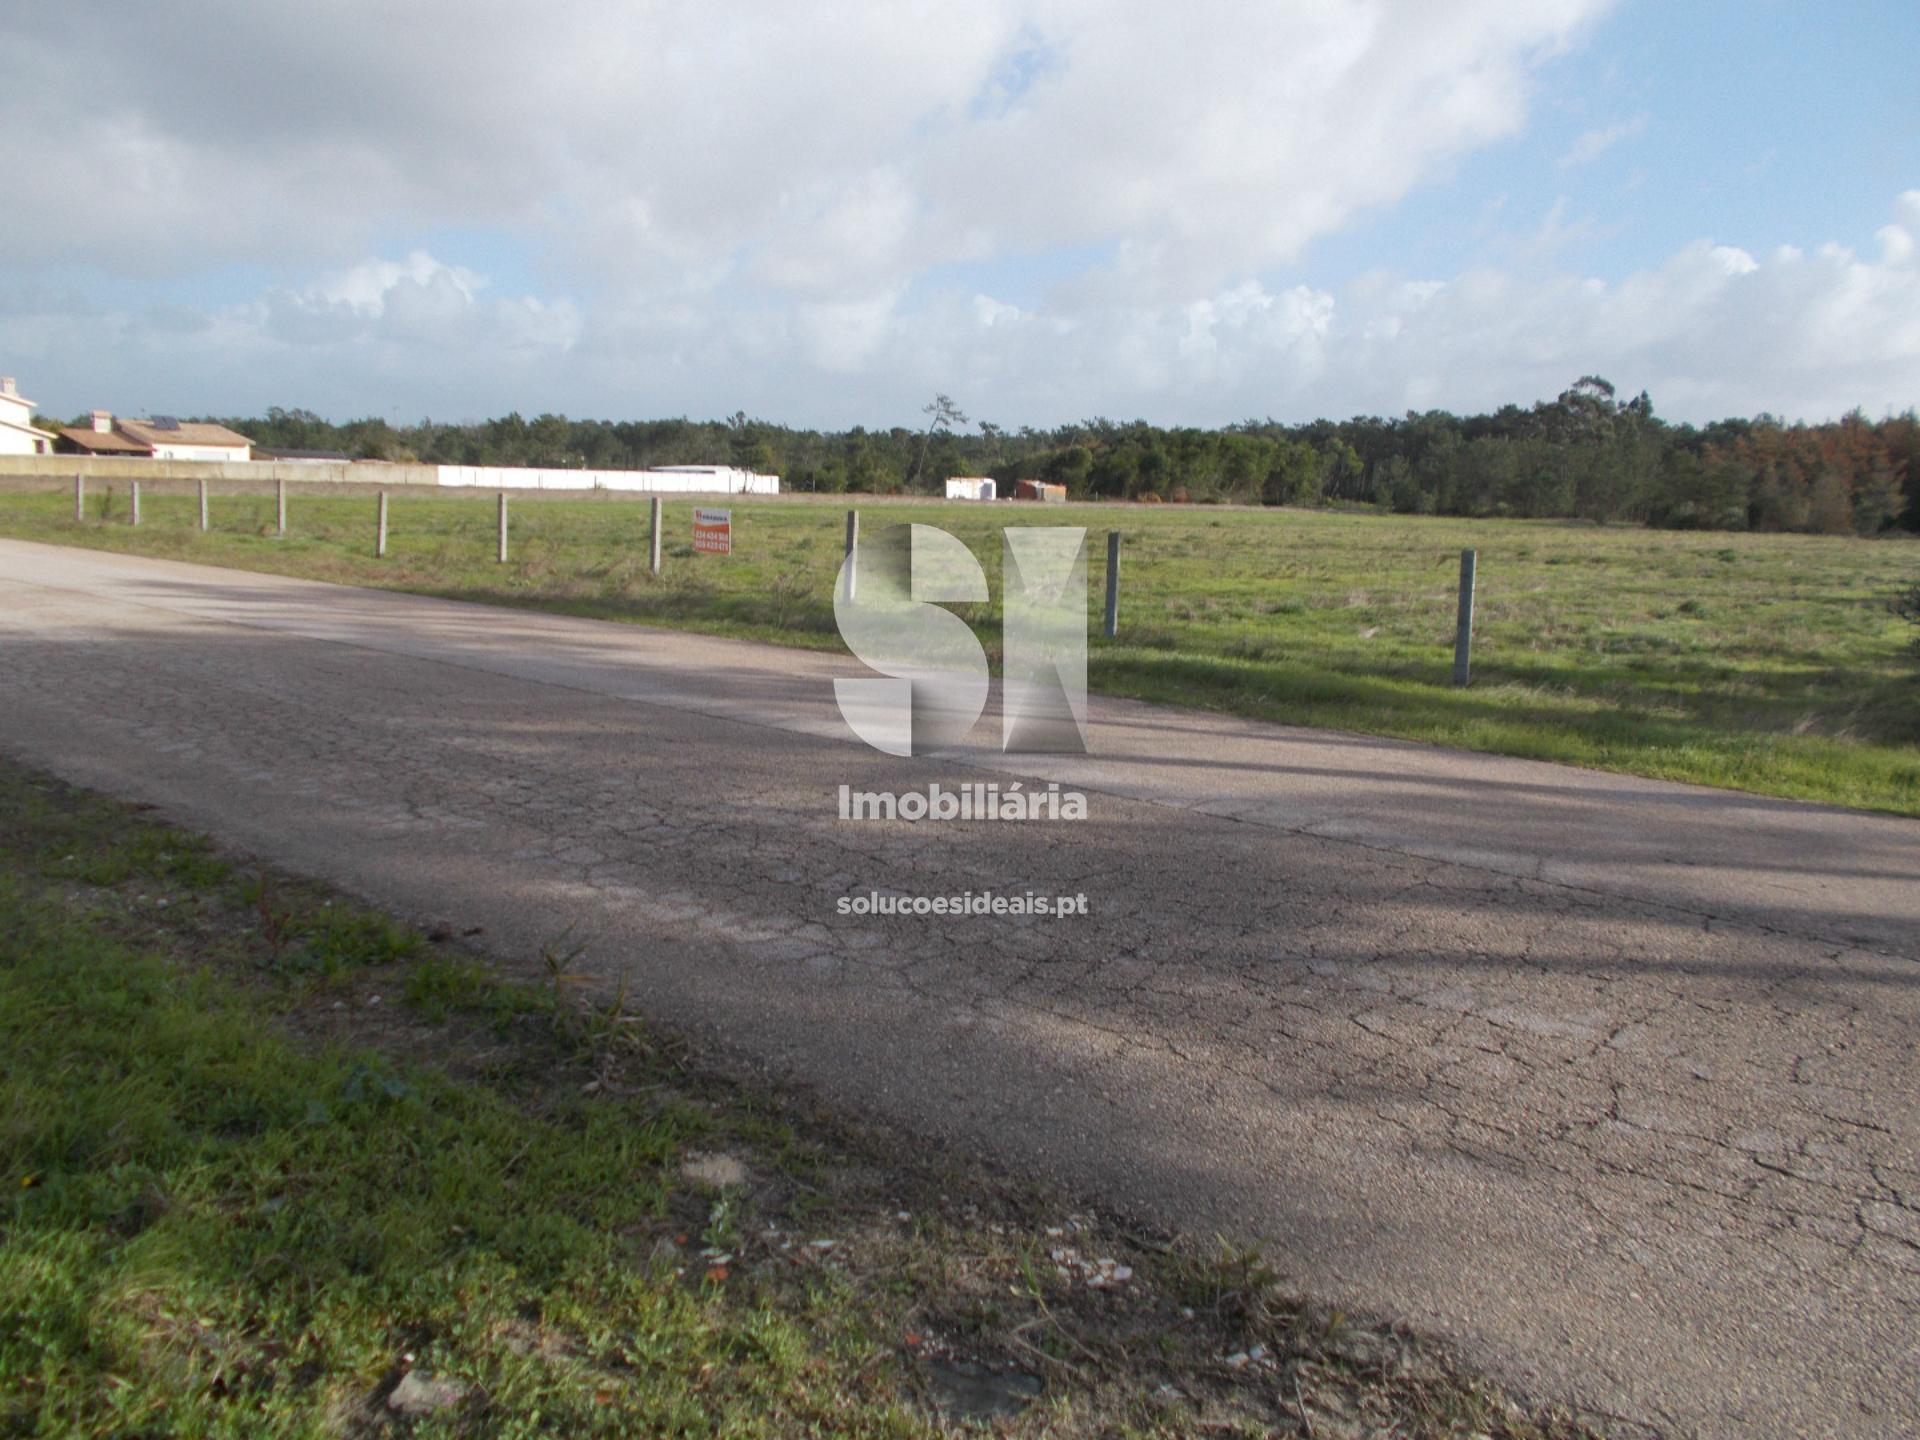 terreno para compra em vagos gafanha da boa hora AVGDG1564